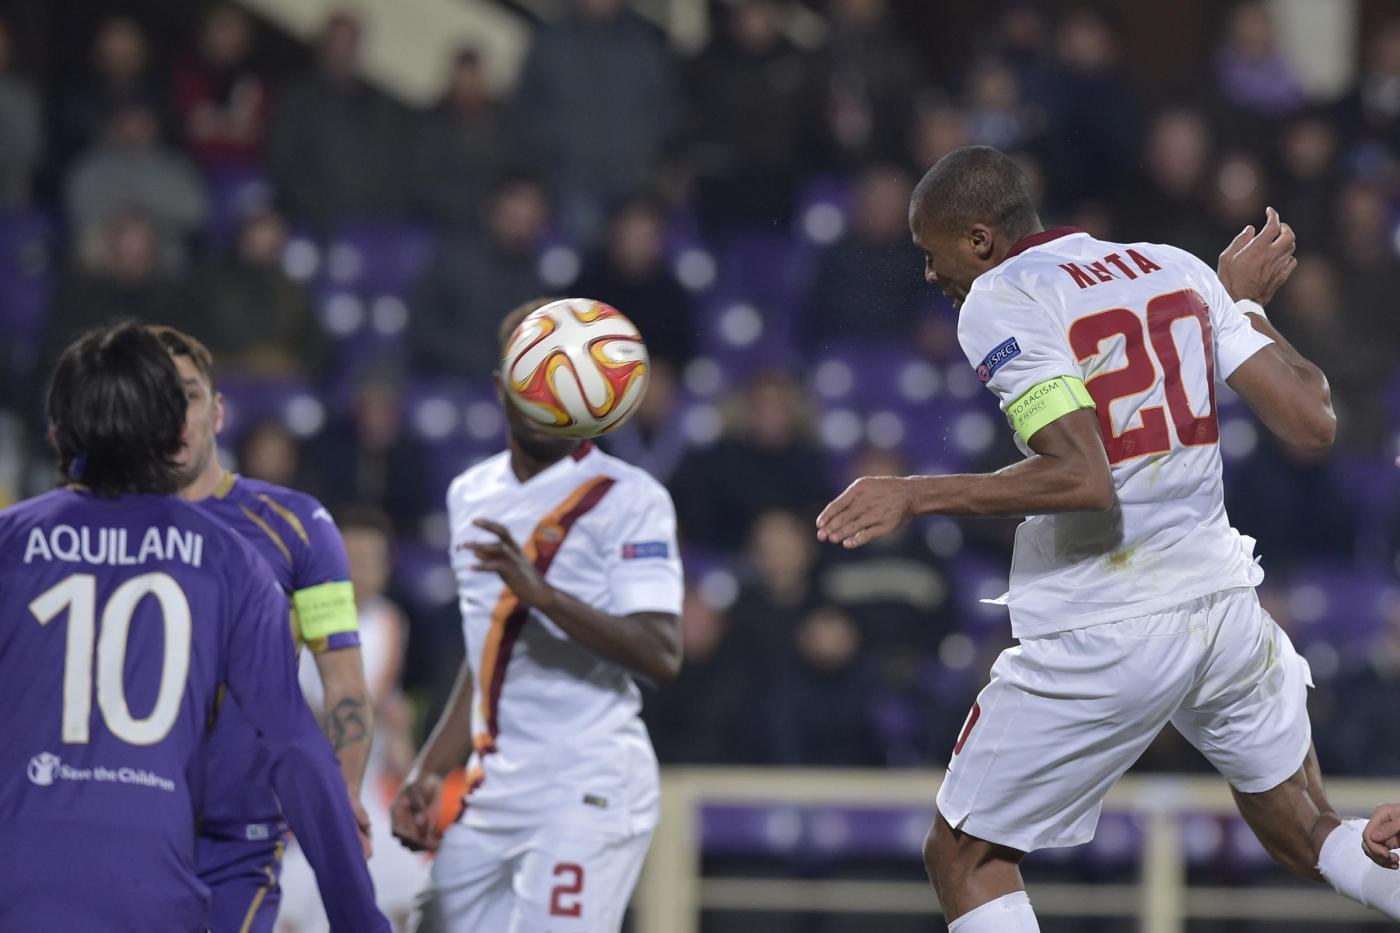 Europa League, Fiorentina vs Roma 1-1 nel derby italiano